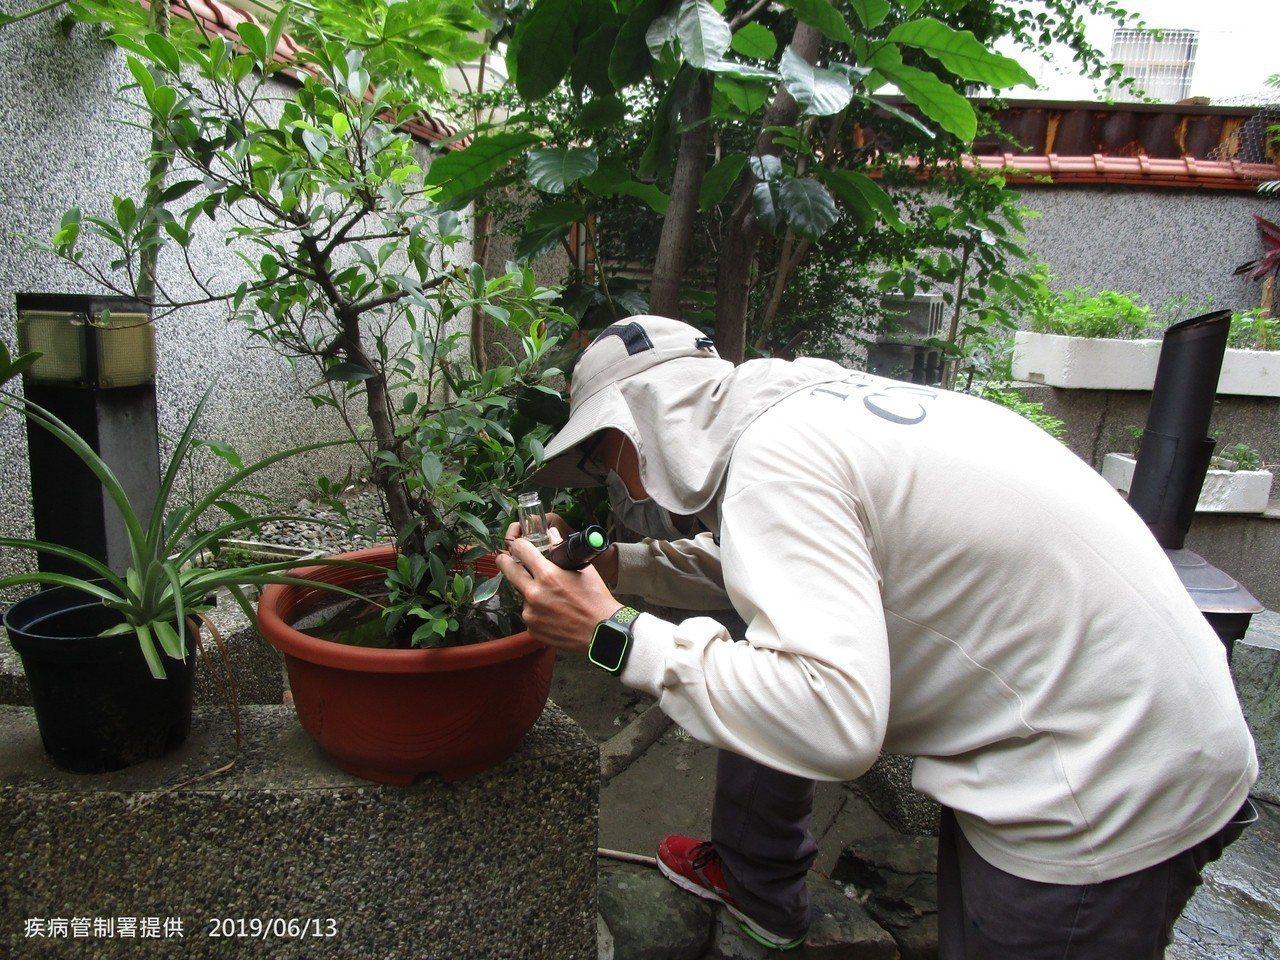 疾管署防疫人員仔細檢視盆栽是否有病媒蚊孳生。圖/疾管署提供